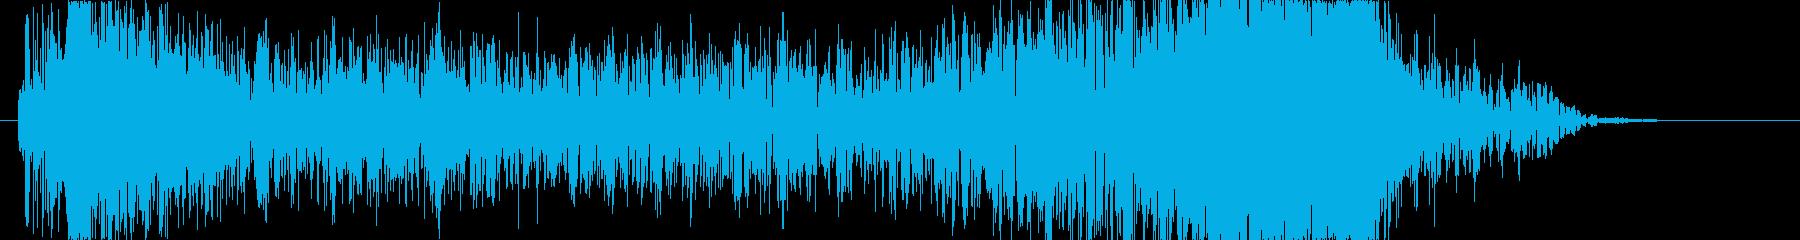 トランジション プロモーションパッド75の再生済みの波形